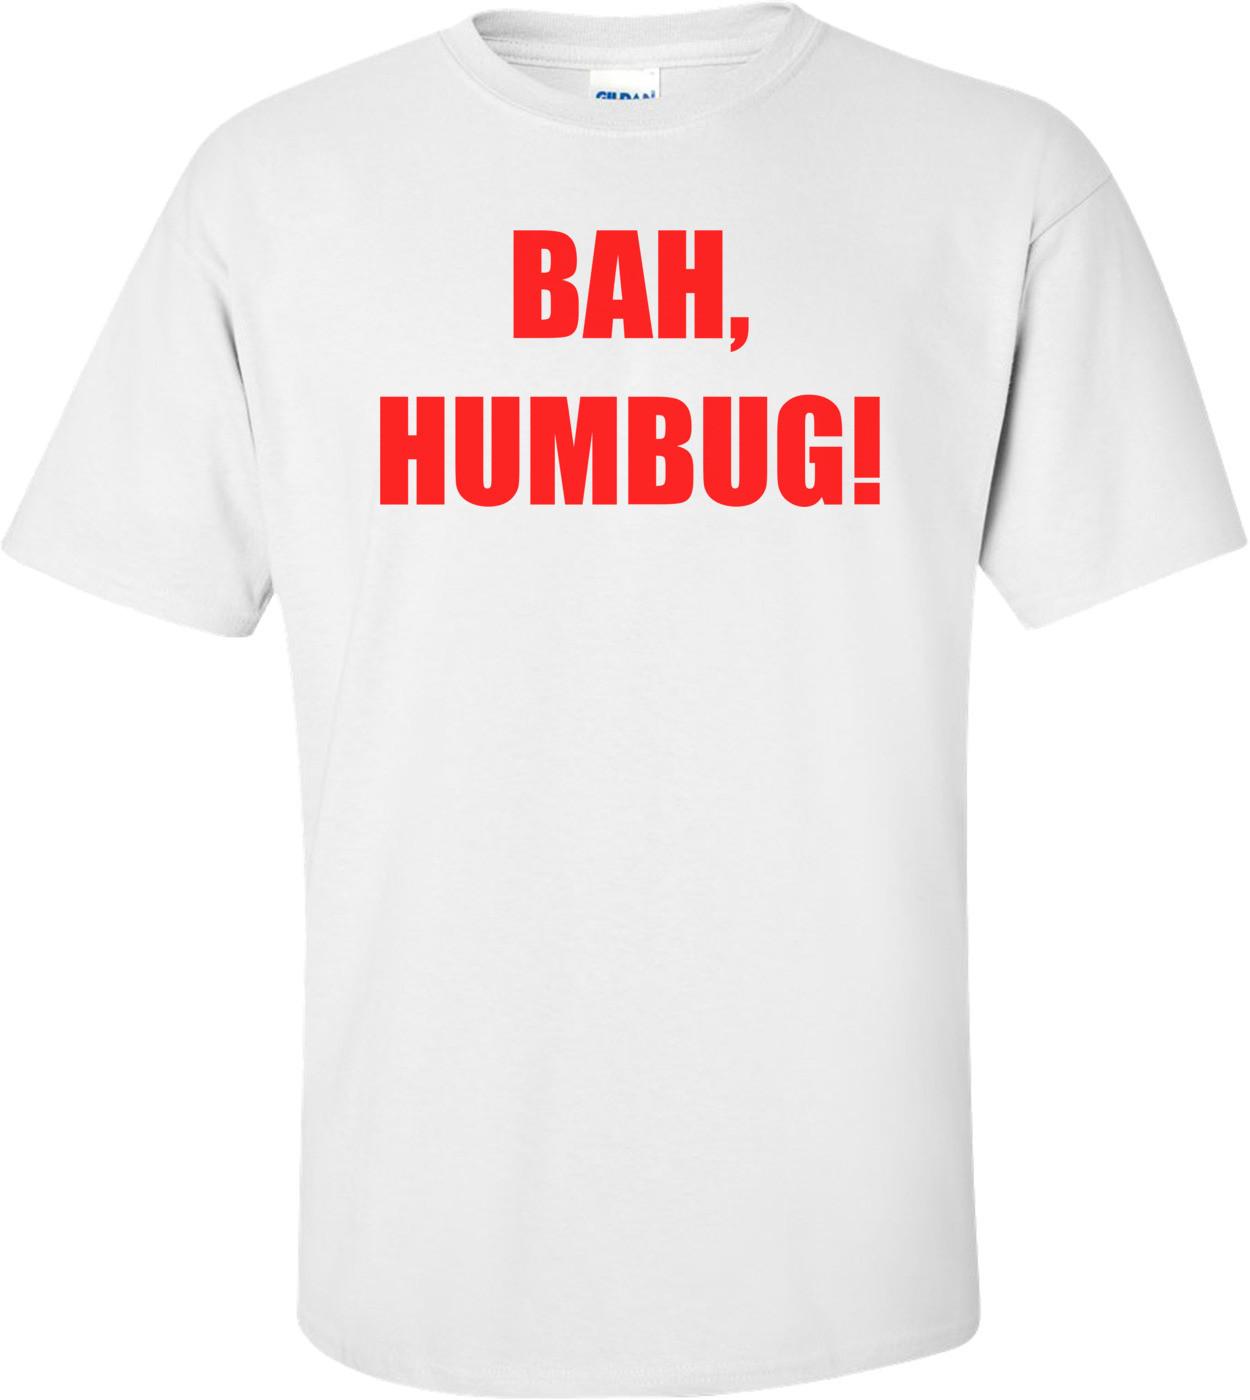 BAH, HUMBUG! Shirt